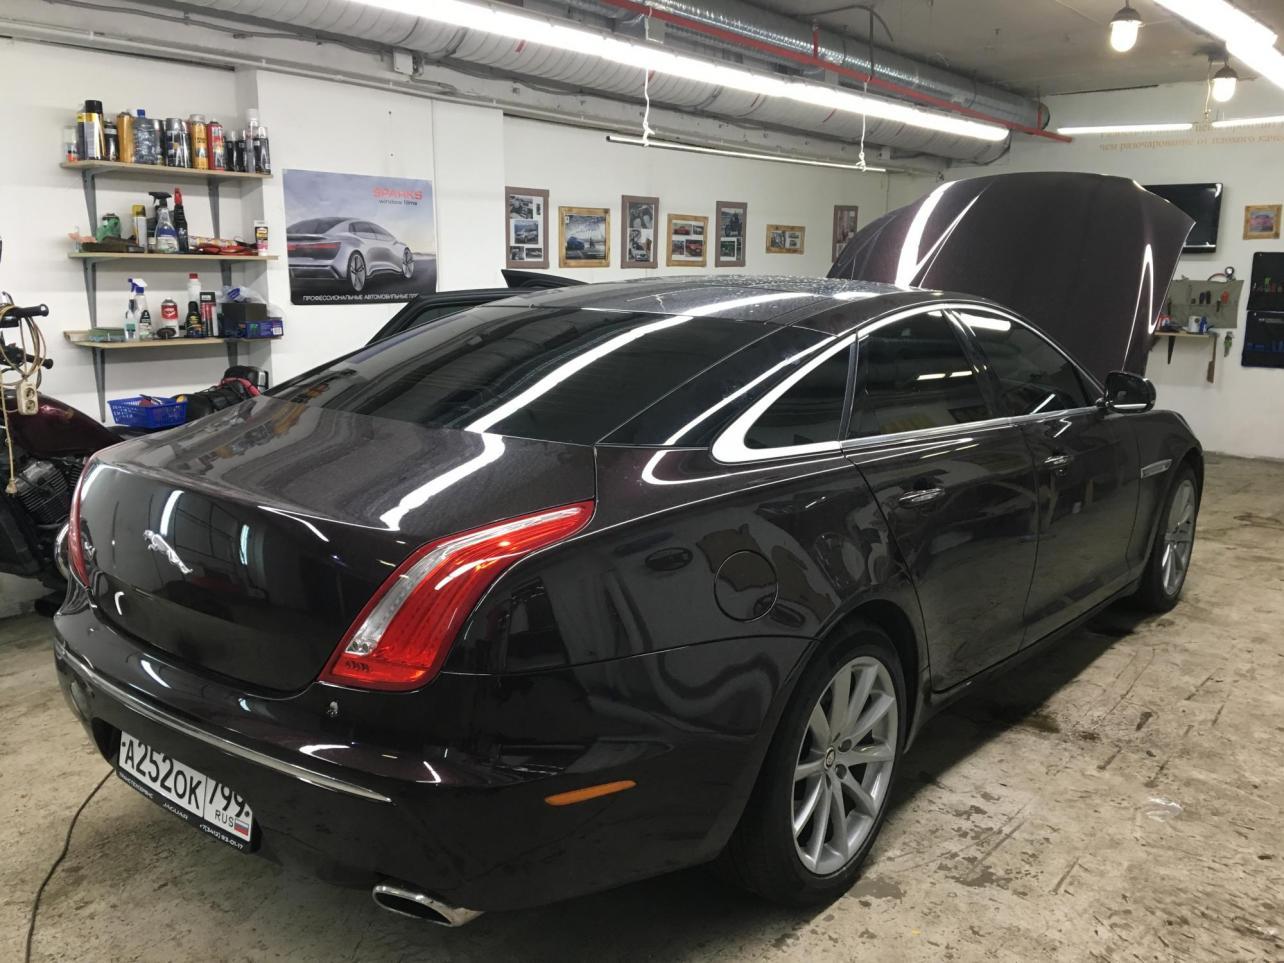 Глянцевая пленка для автомобилей – оклейка глянцевой пленкой в Москве, цены на оклейку машины, ImageCars